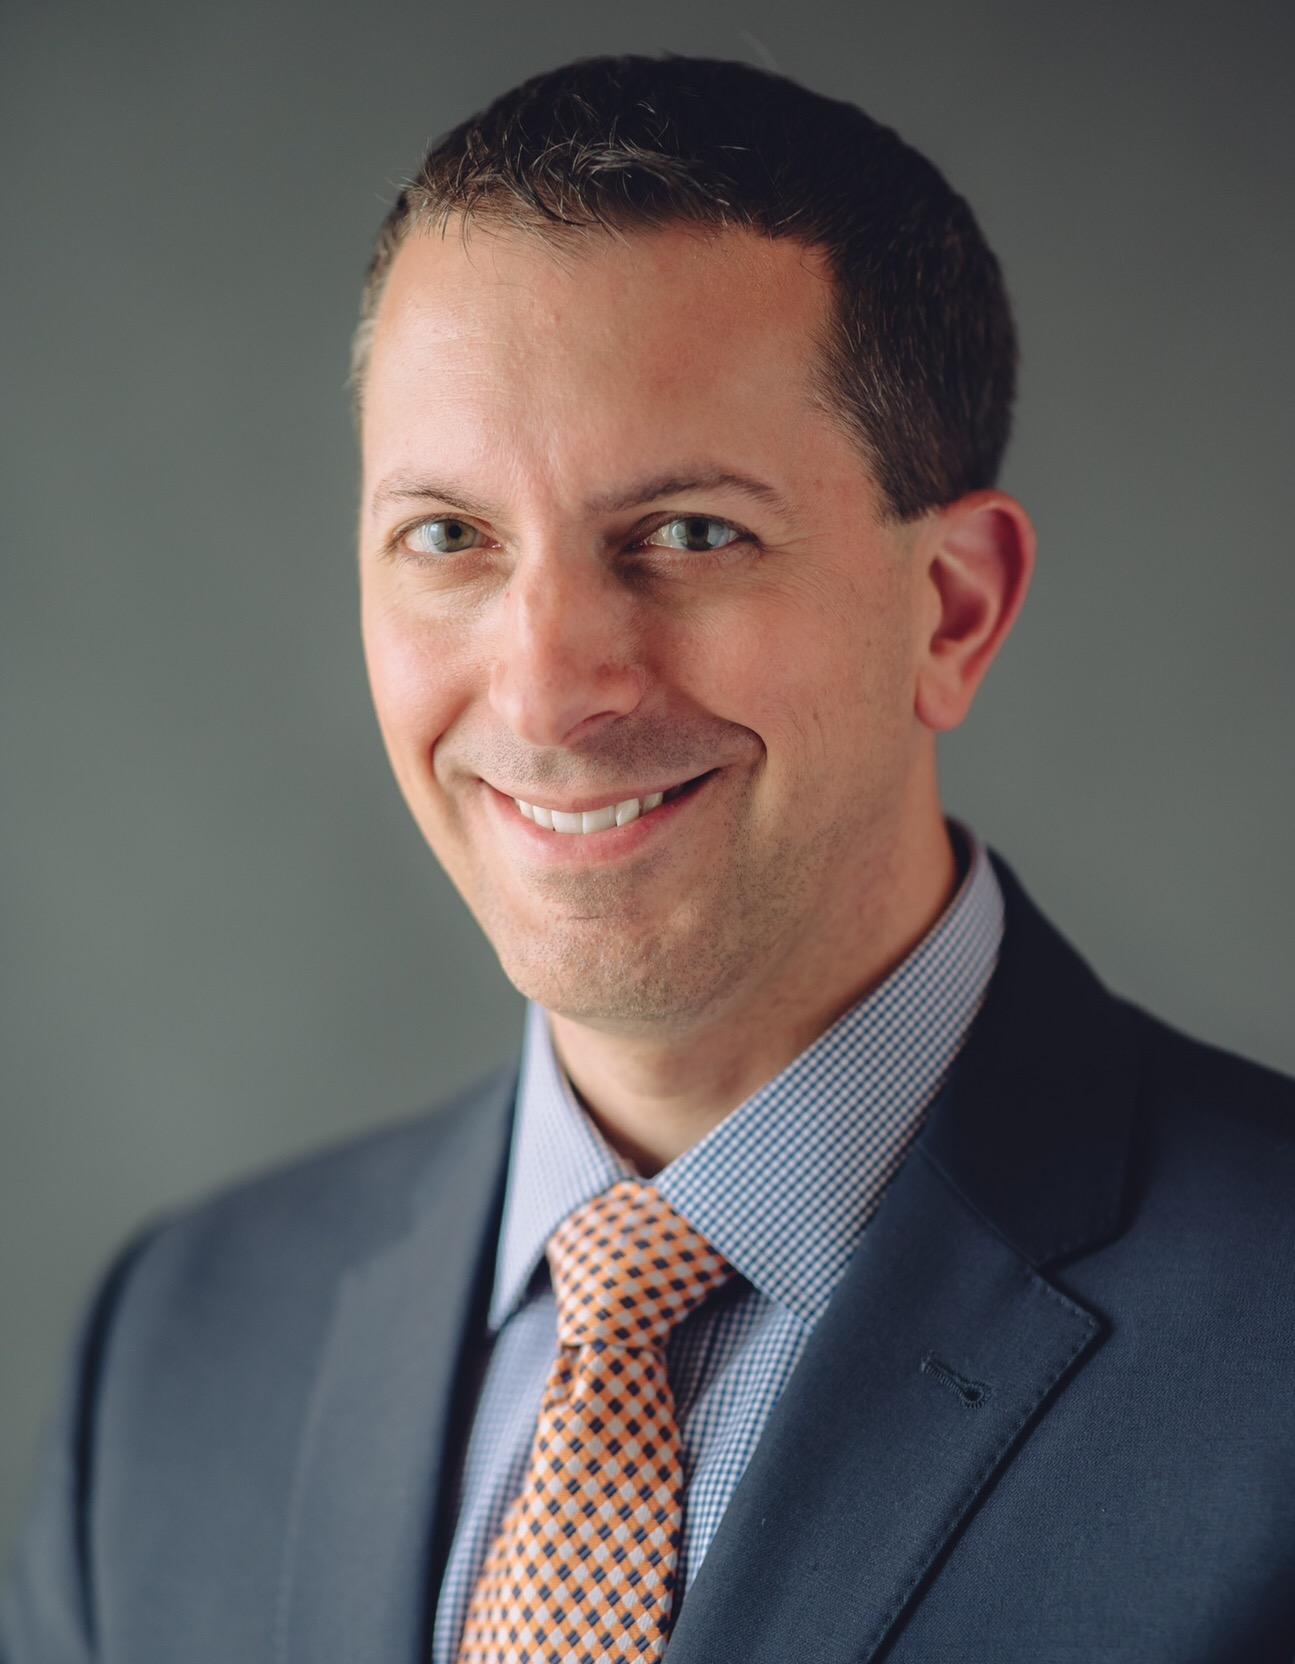 Ryan J. Weiser CFP®, CDFA® - President & Chief Compliance Officer